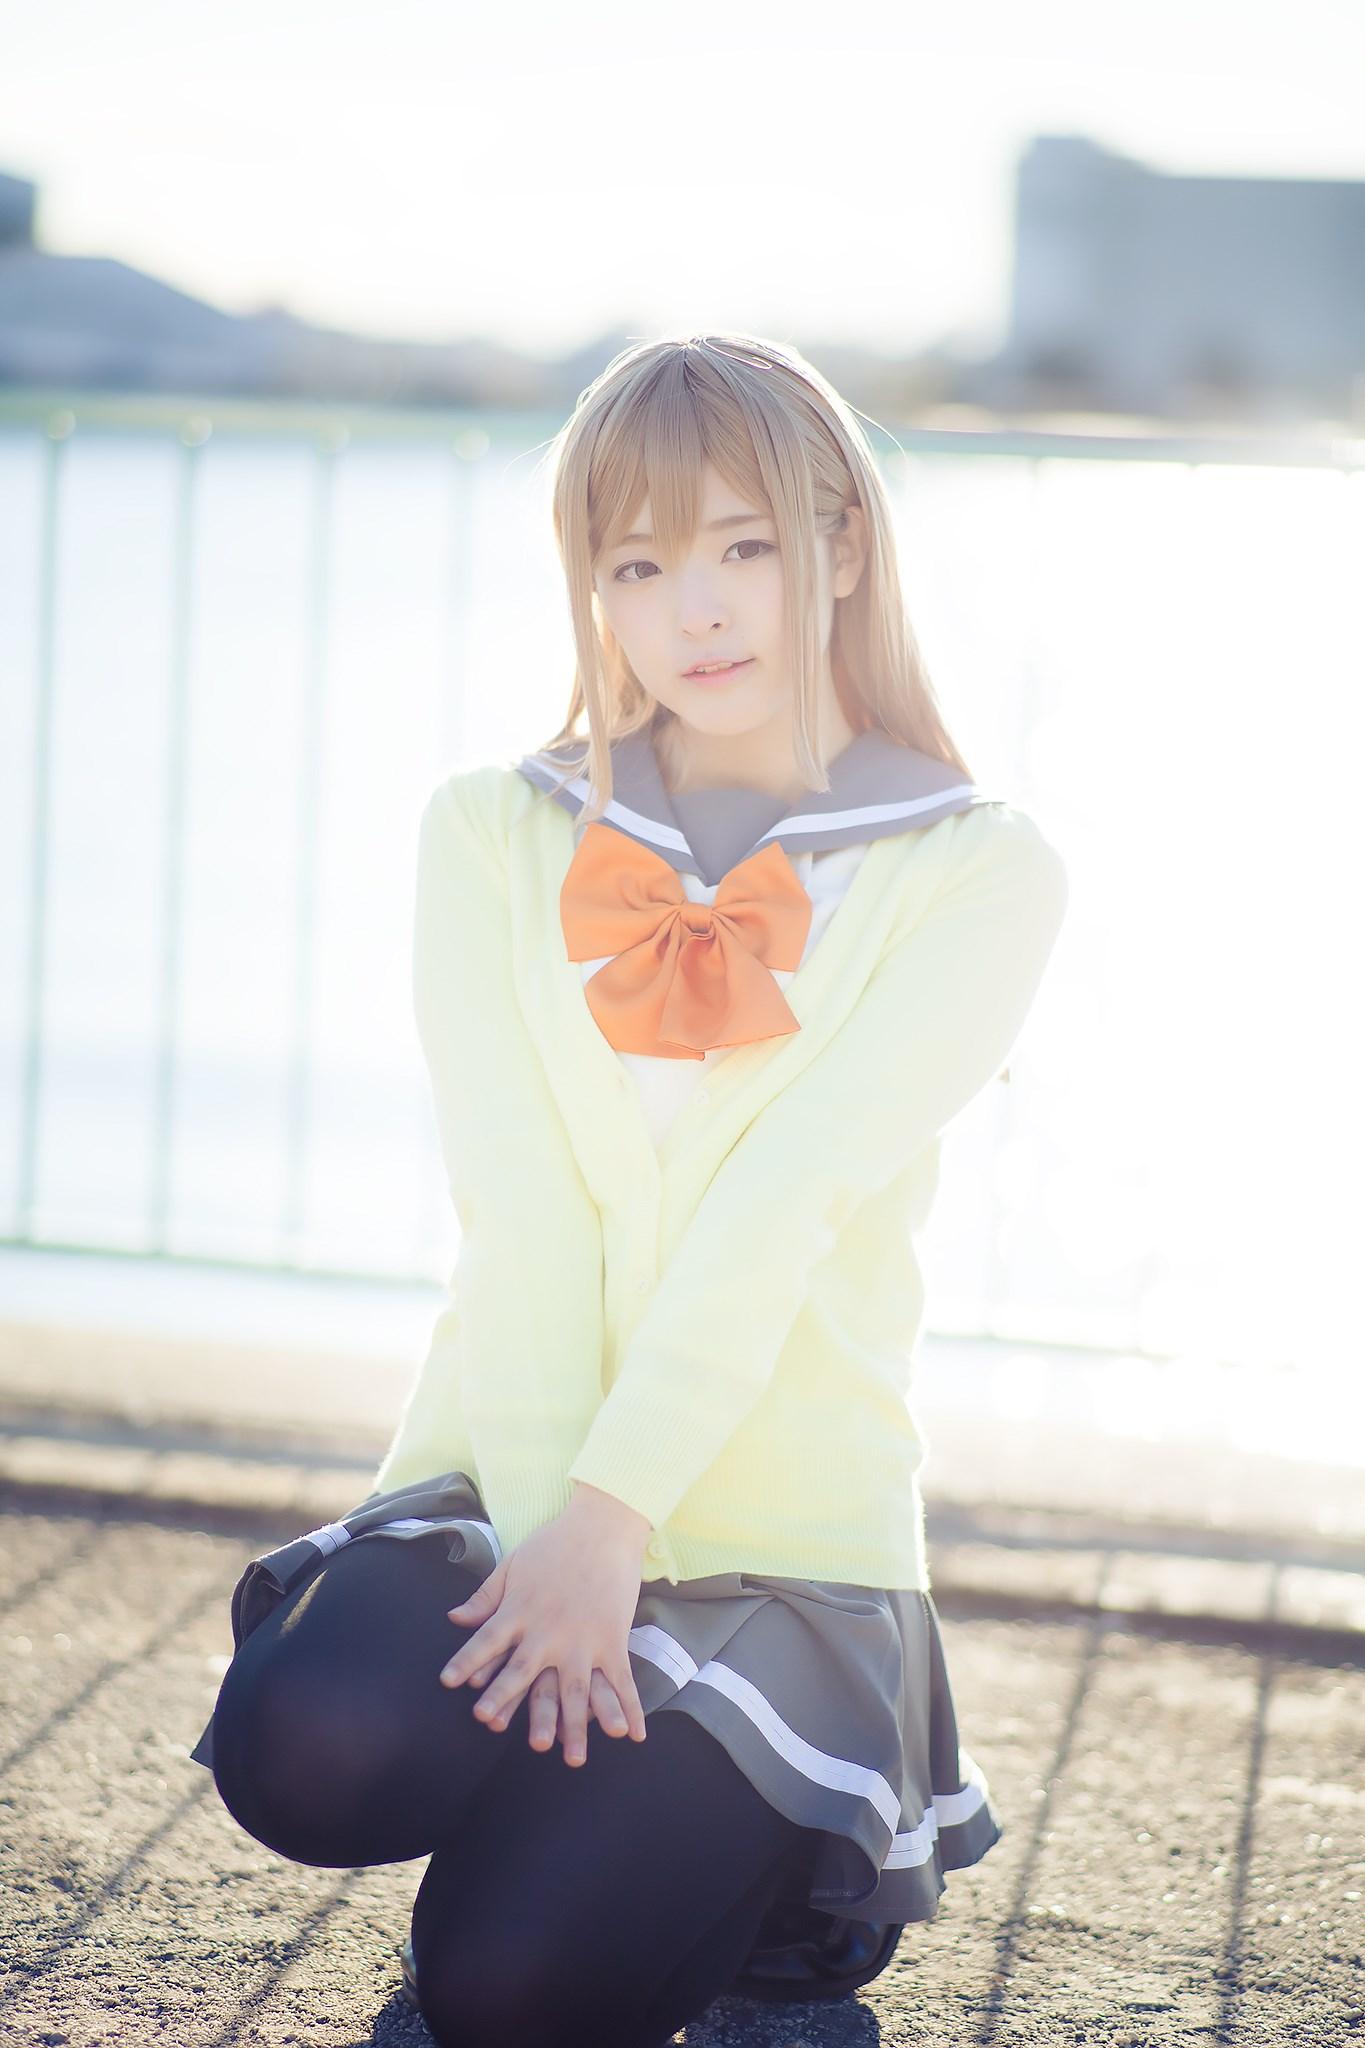 【兔玩映画】阳光与少女 兔玩映画 第22张